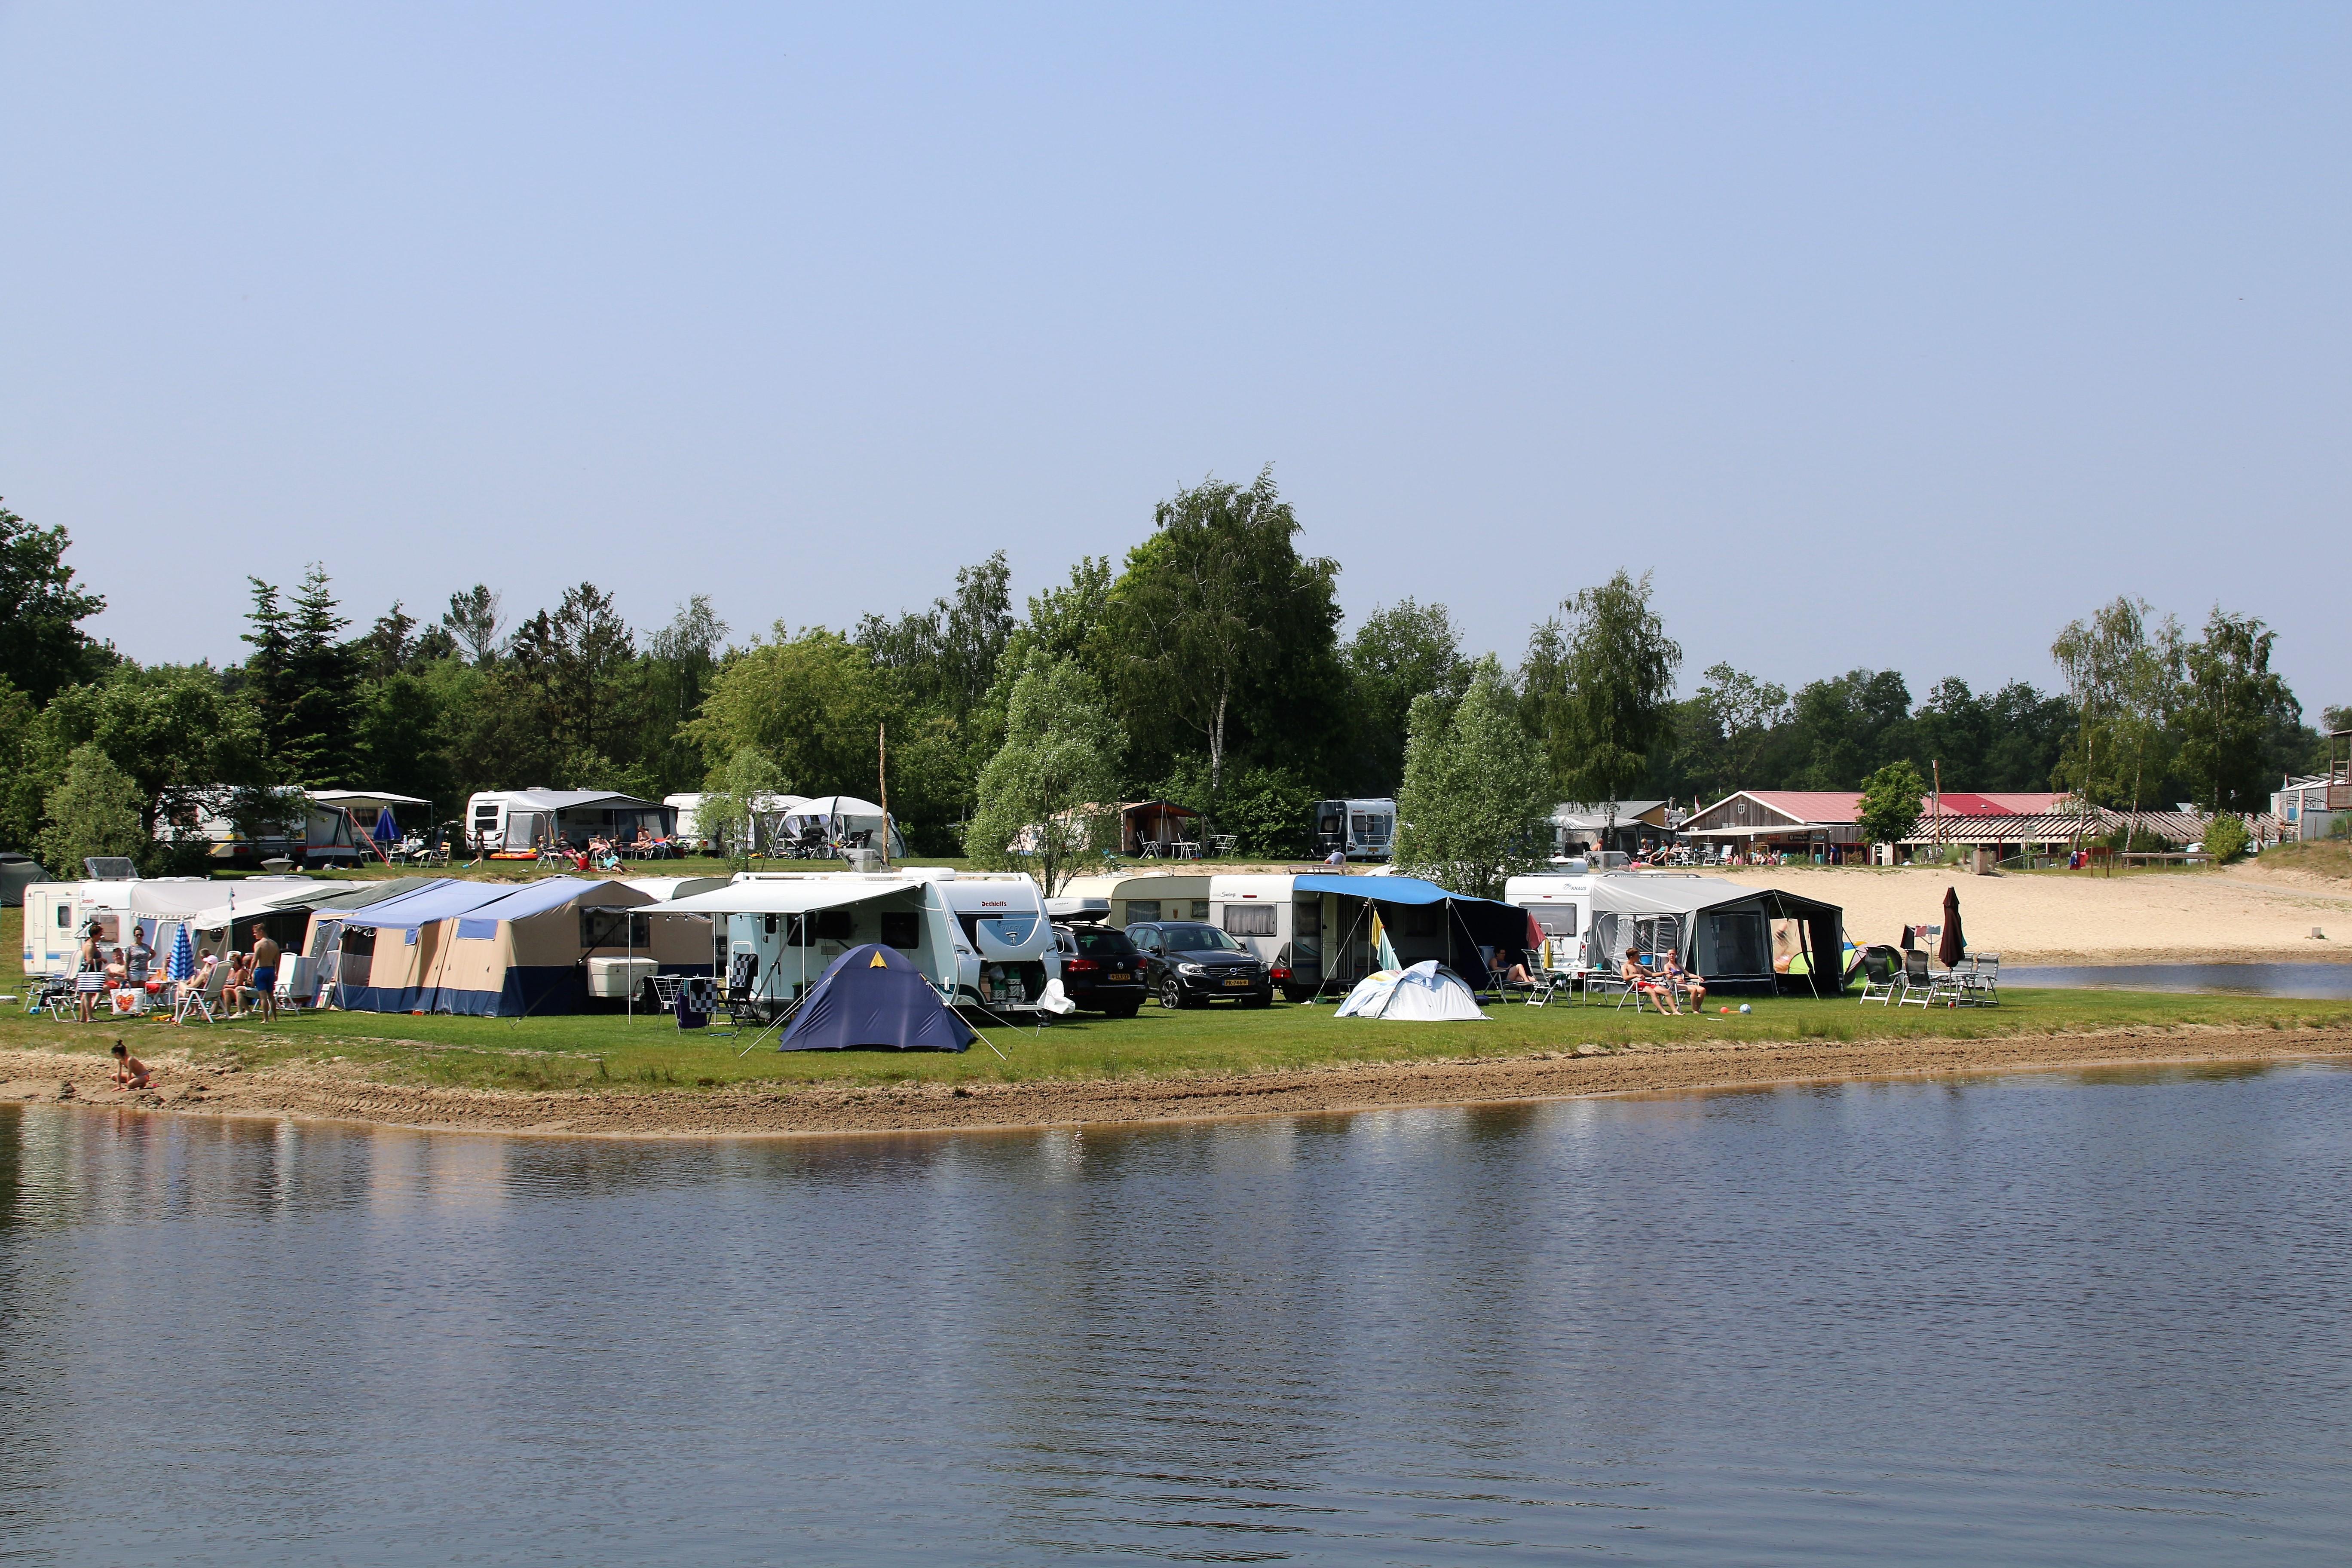 Heerlijk kamperen tijdens onze Joepiemaand! - Maandarrangement in kamperen